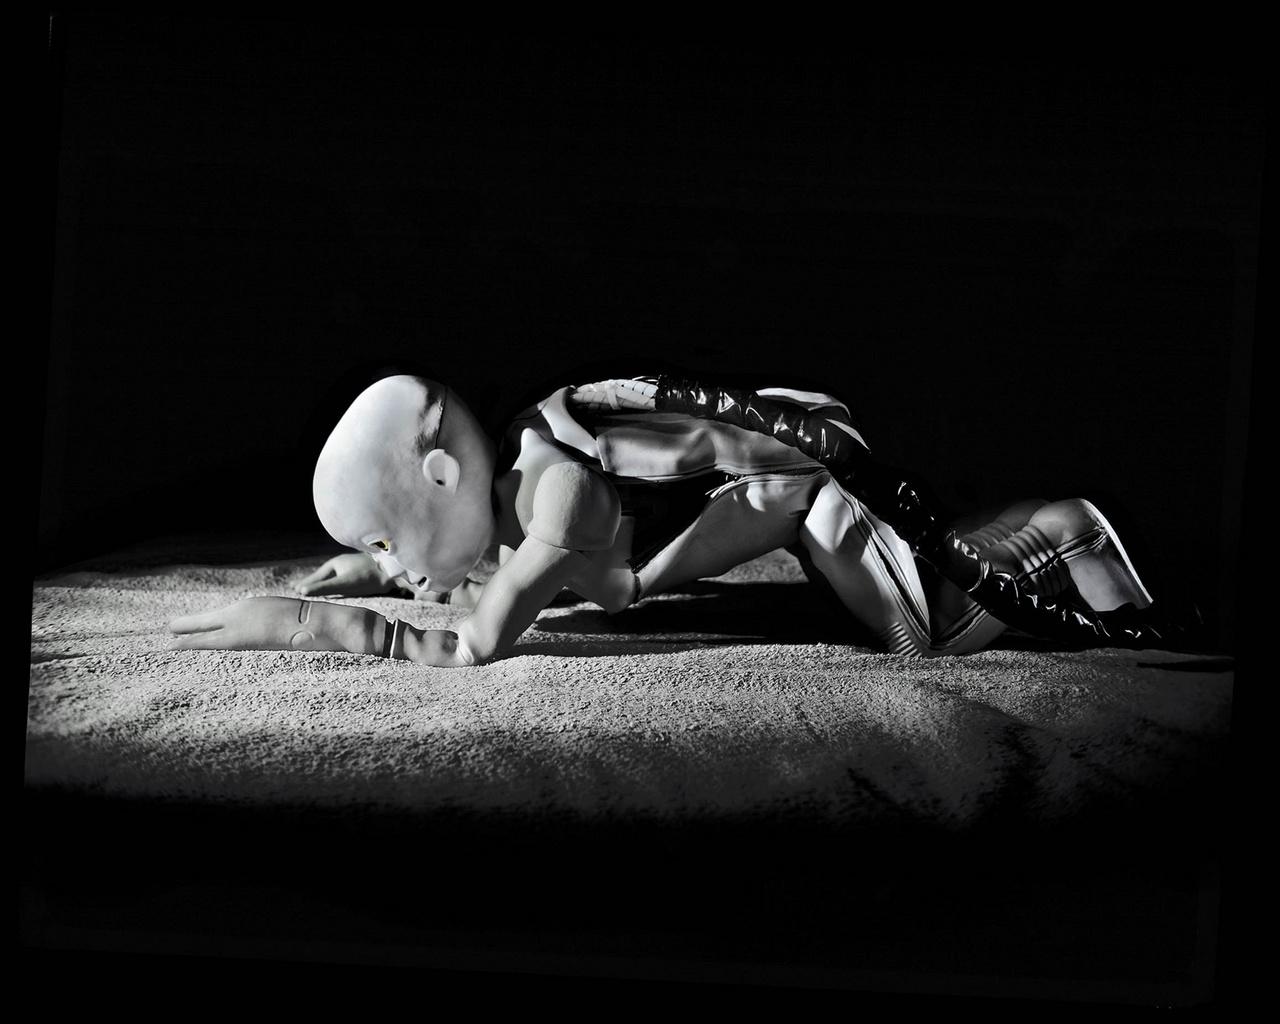 Az oszakai Asada laboratóriumban úgy tanítják kúszni-mászni a robotokat, ahogyan a gyerekeket. Azt figyelték meg, hogy adatok helyett javarészt a gondozóik visszajelzésekből tanulnak, vagyis ezen a gondolati elven kiindulva, ezek a robotok képesek lehetnek arra, hogy az emberi viselkedést tanulják.